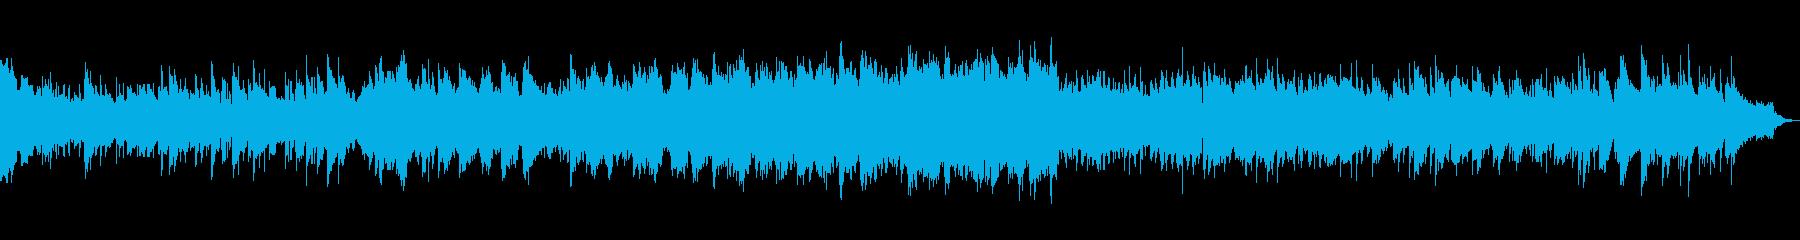 ローズピアノとストリングスが美しい曲の再生済みの波形